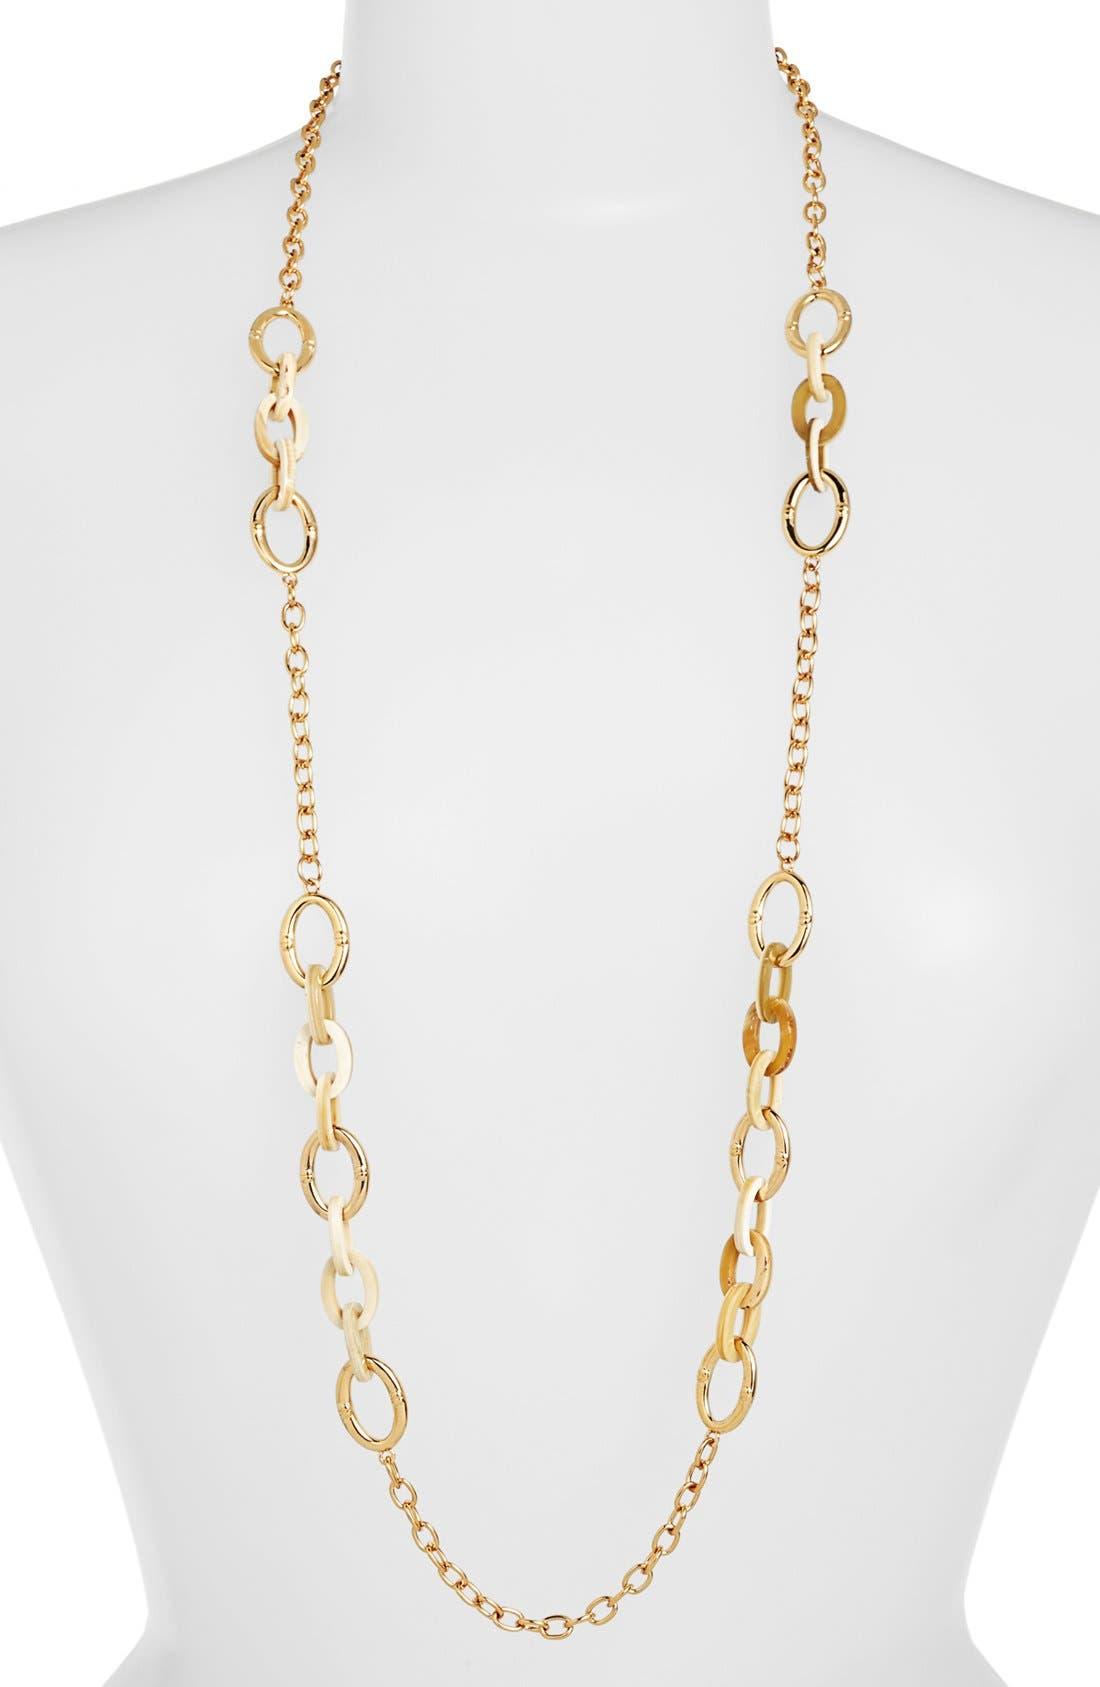 Main Image - Lauren Ralph Lauren Horn & Chain Long Necklace